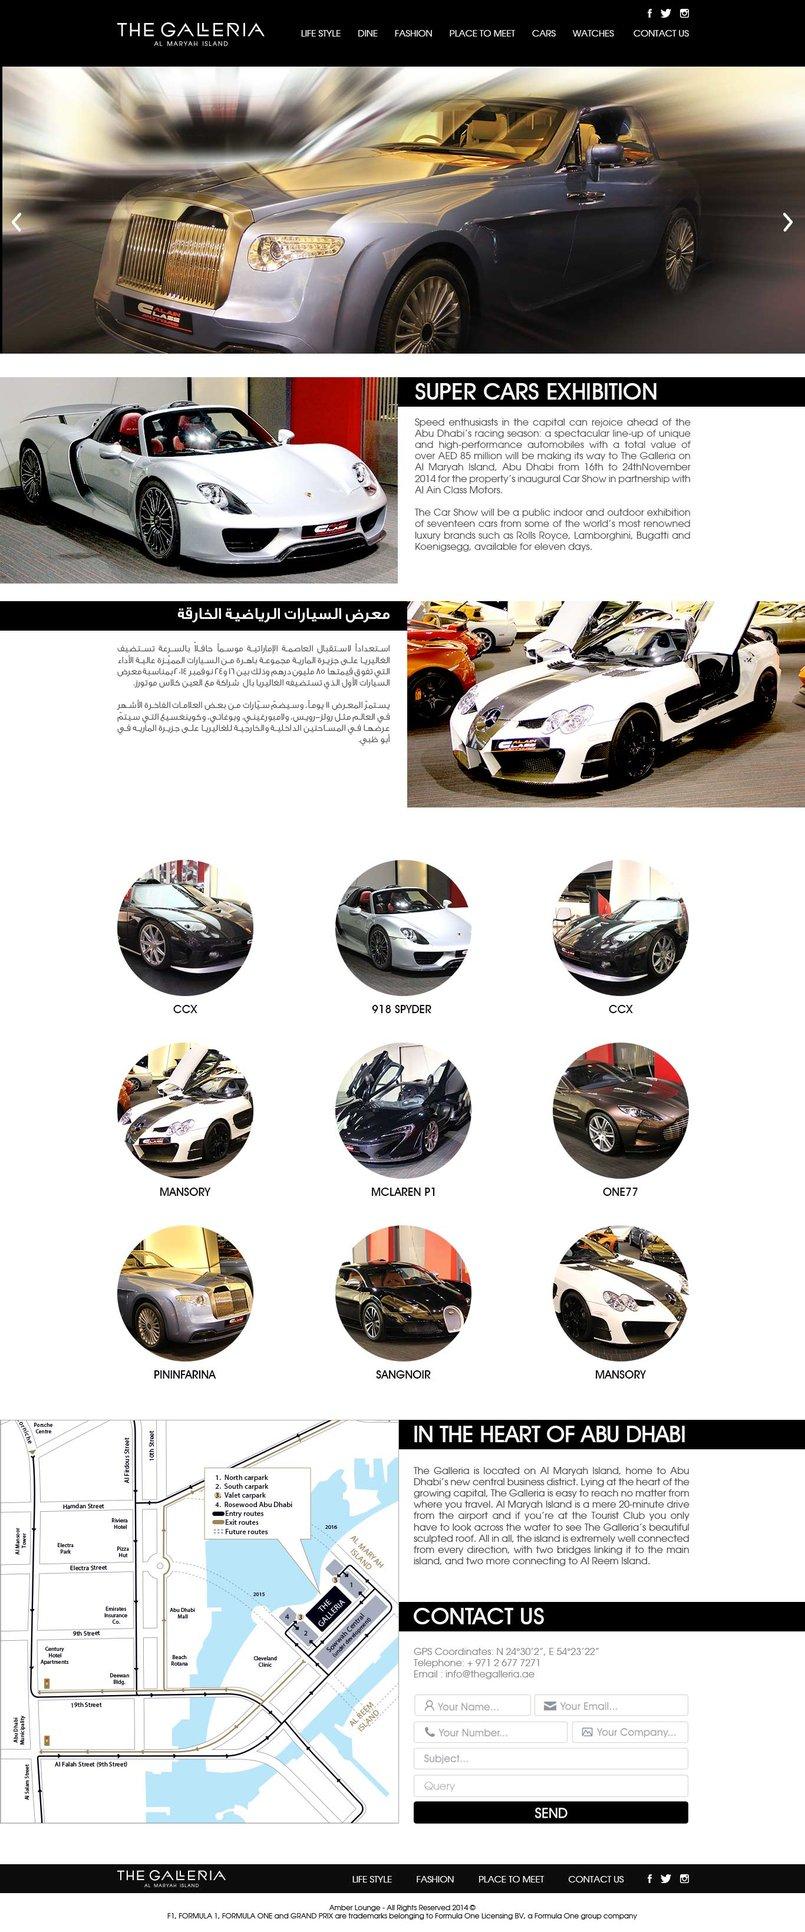 SUPER CARS EVENT - The Galleria UAE - Microsite